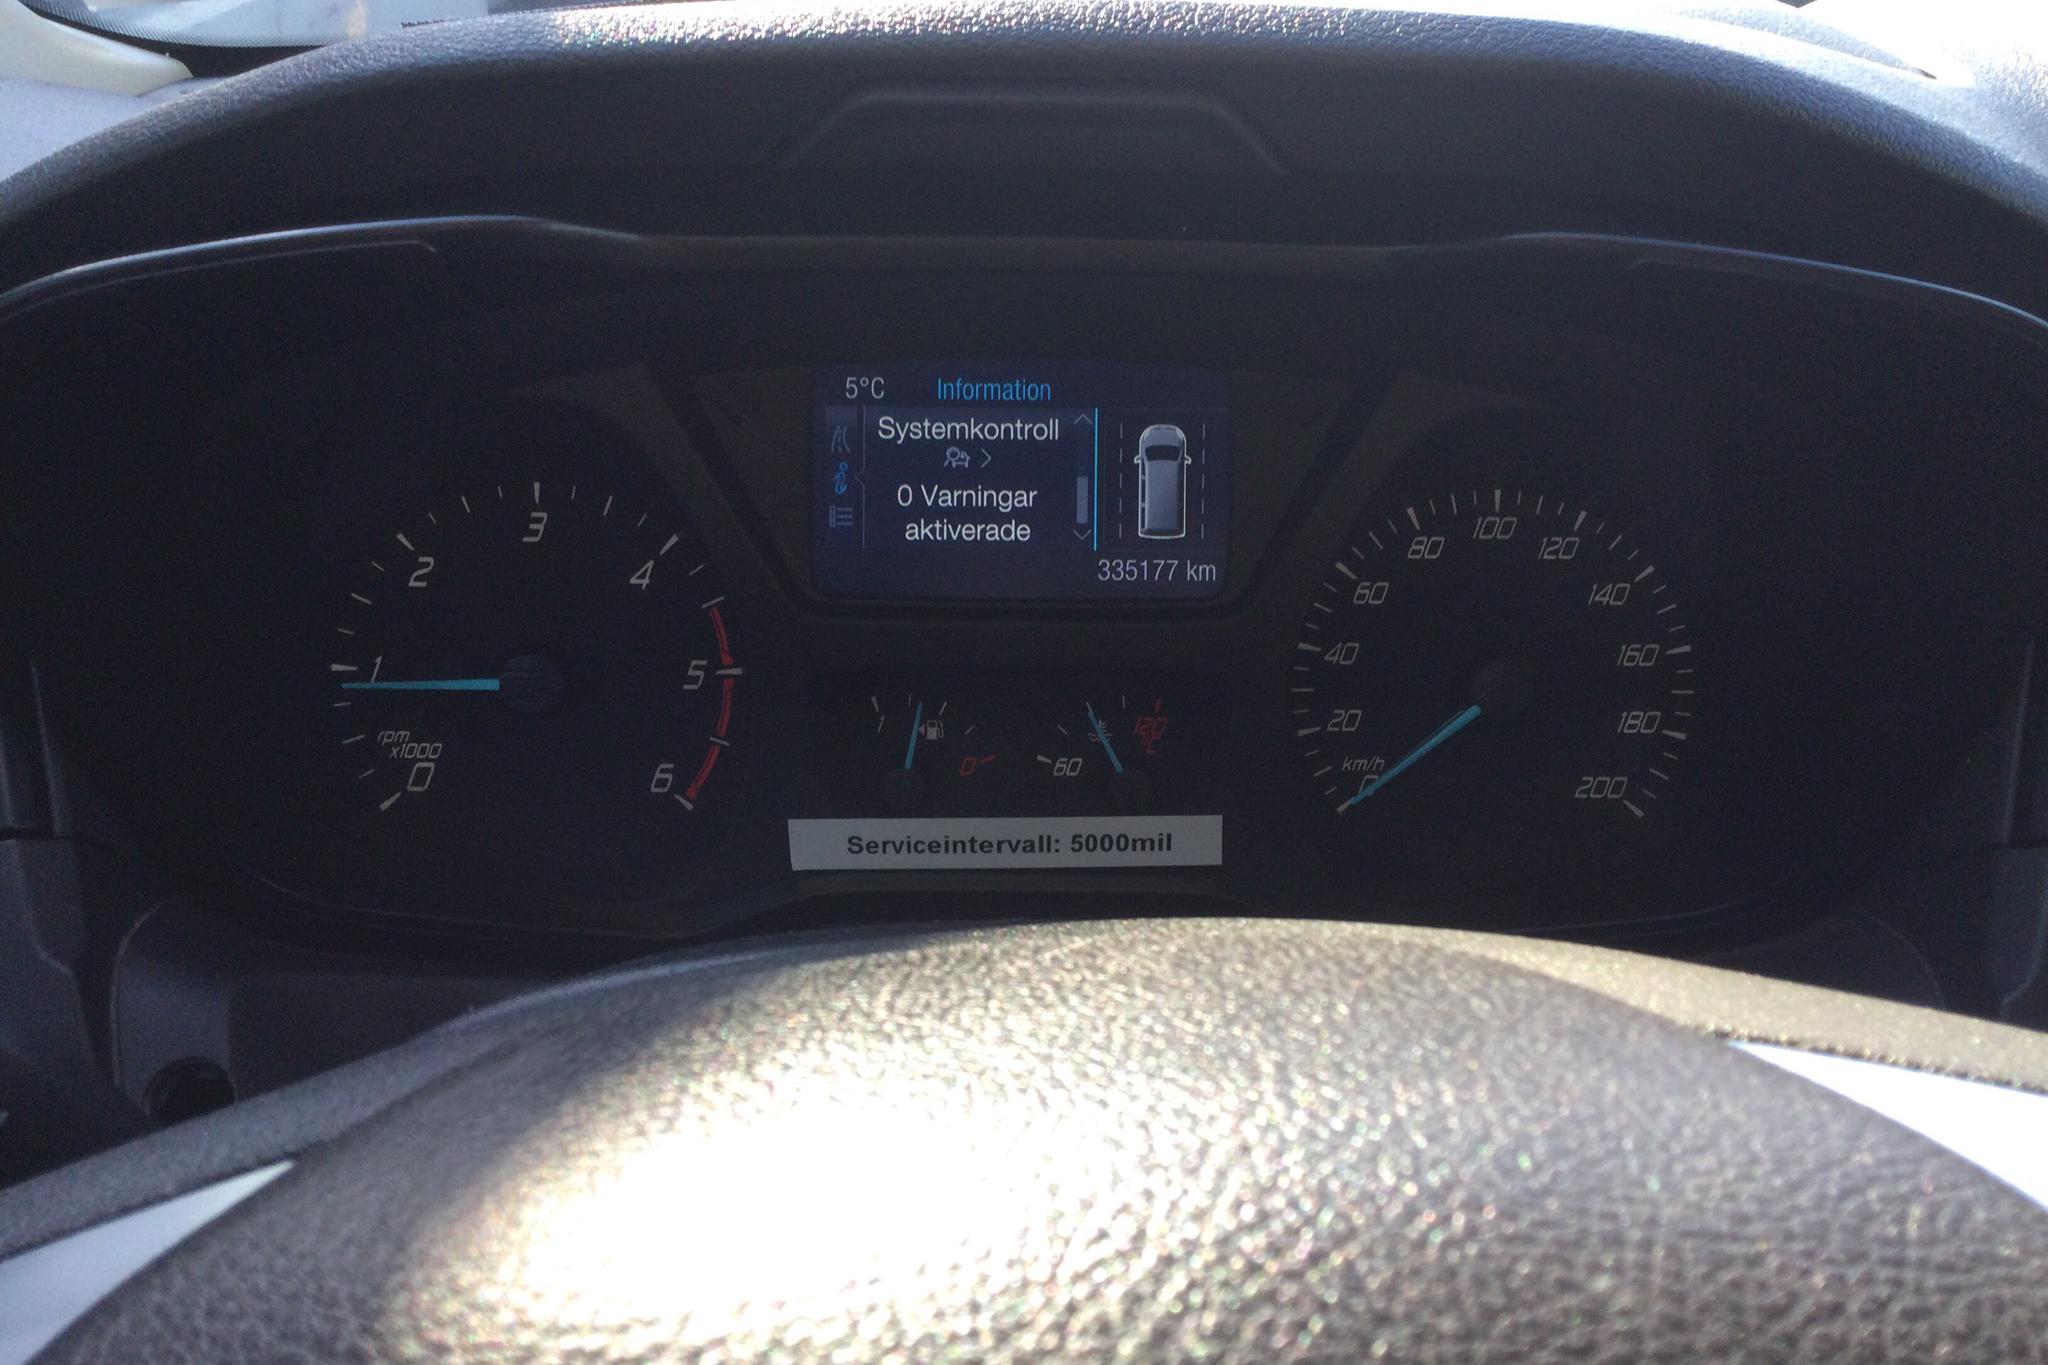 Ford Transit Kombi 310 2.2 TDCi (125hk) - 335 170 km - Manual - white - 2015